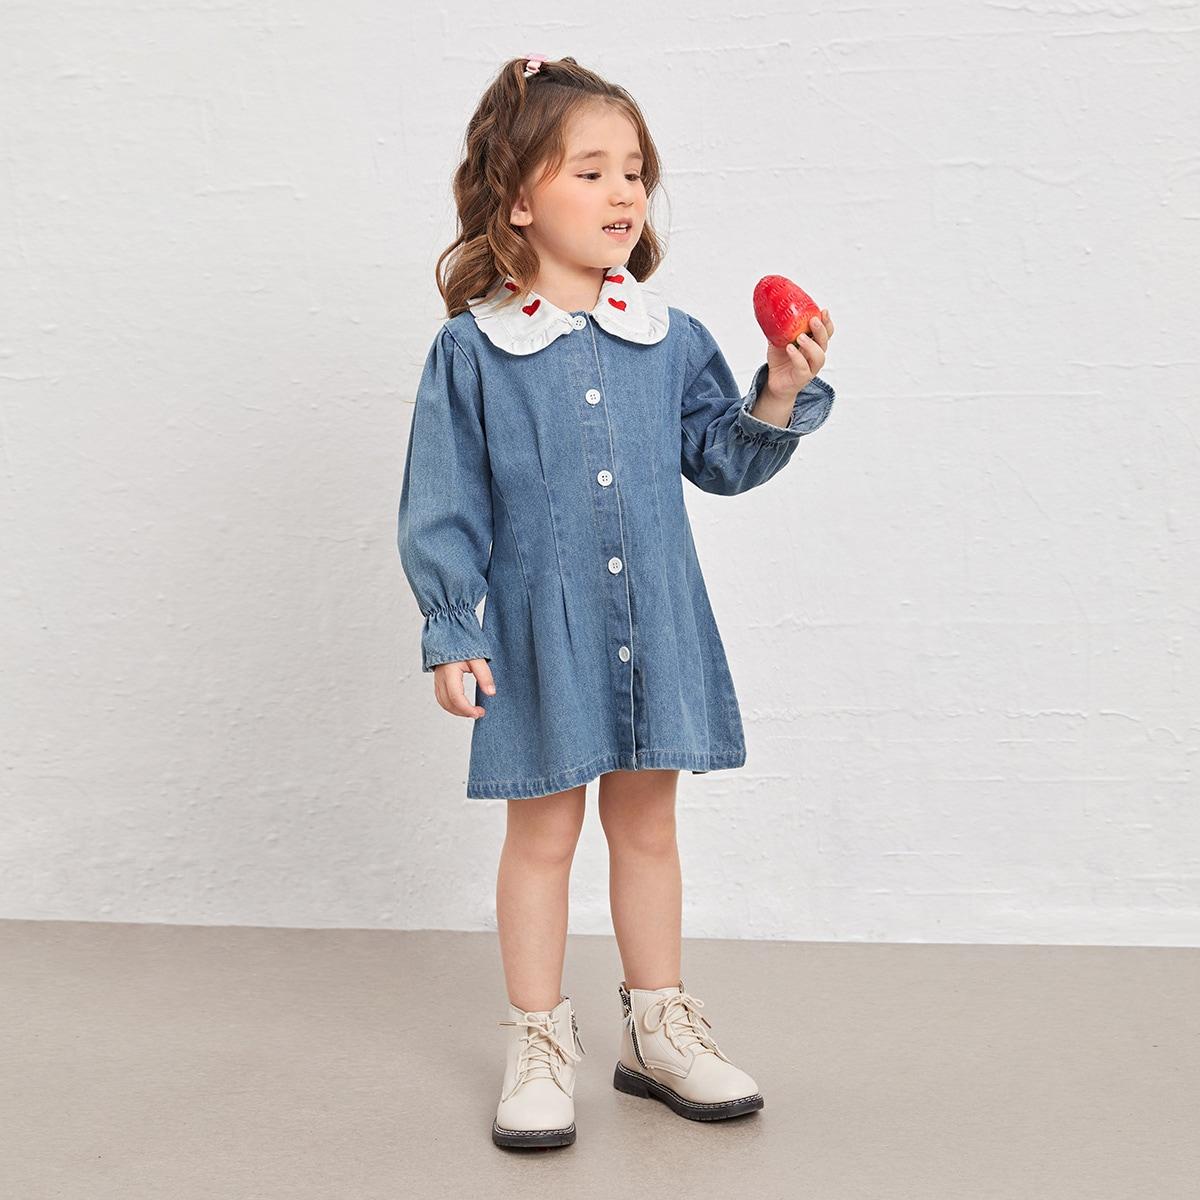 для девочек Джинсовое платье с вышивкой сердечка с воротником питер пэн с рукавами-воланами SheIn sk2107070410780900